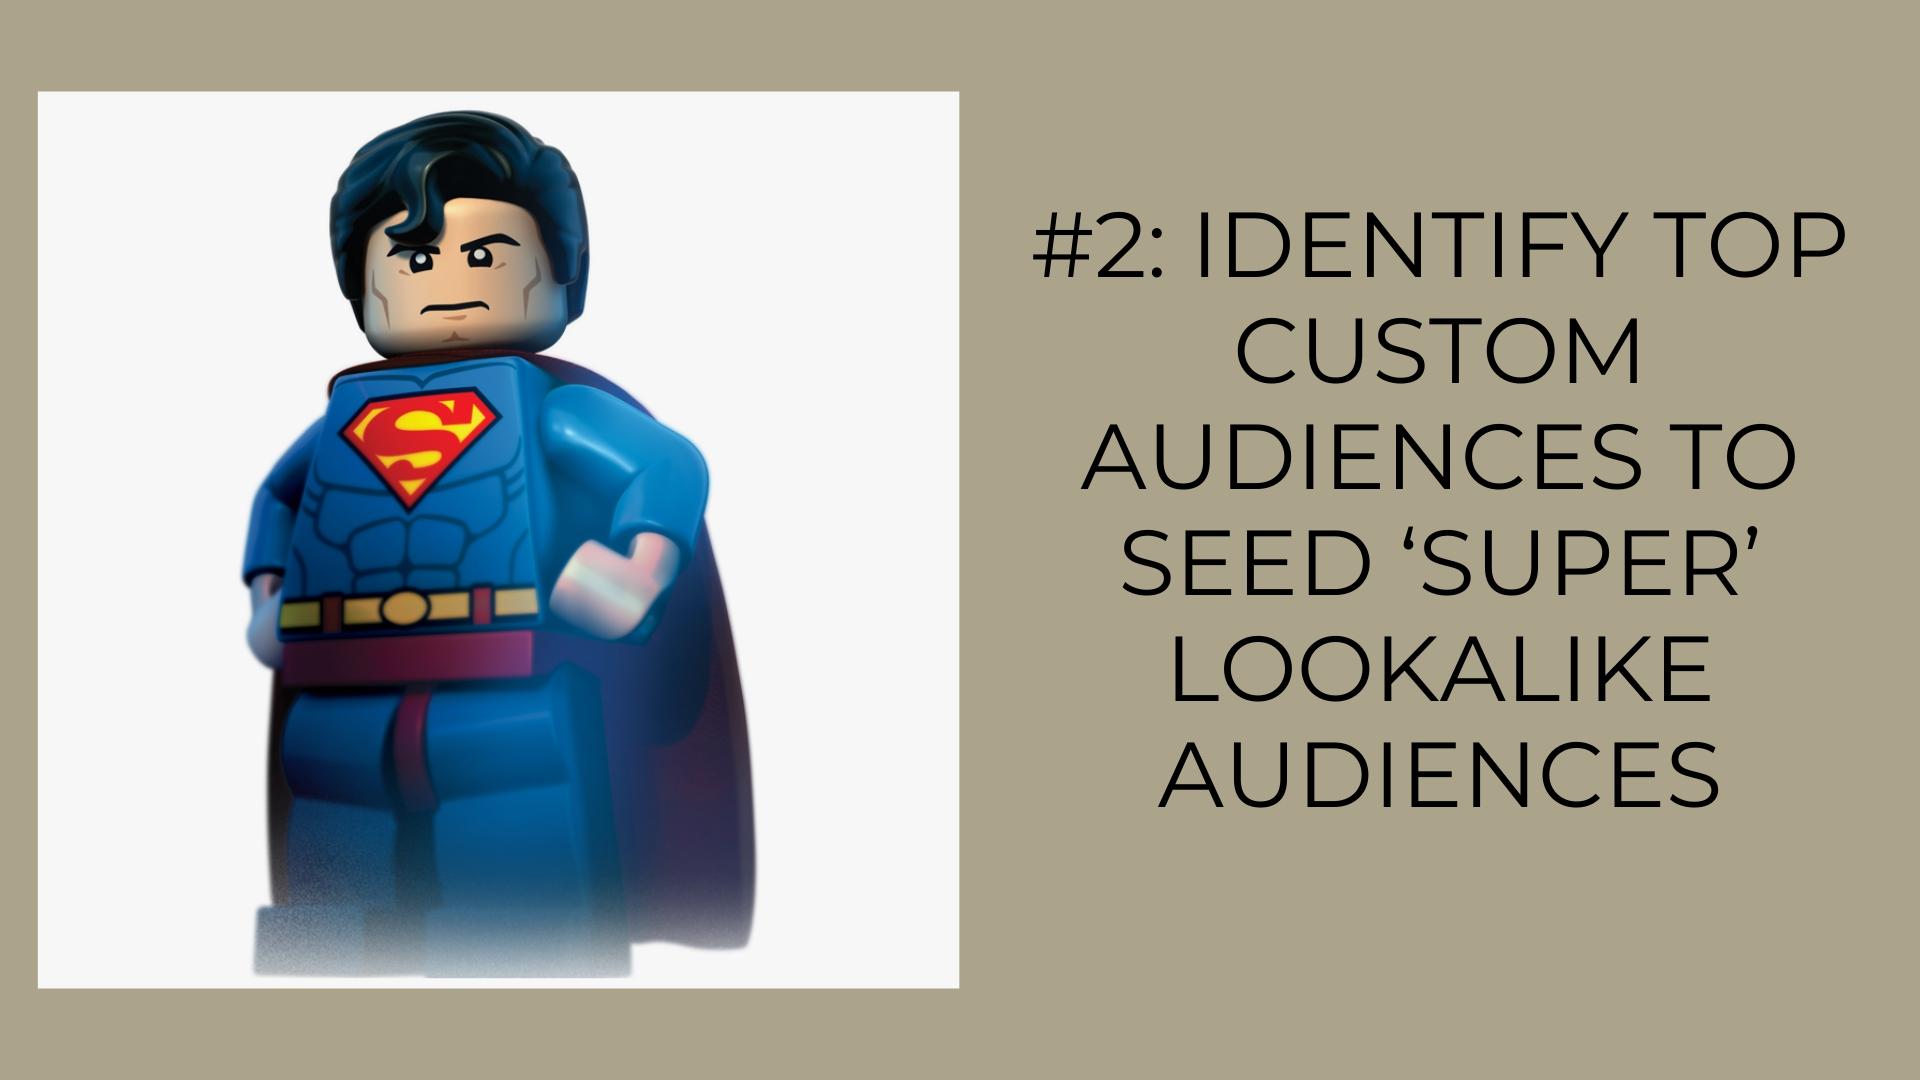 Identify Top Custom Audiences to Seed 'Super' Lookalike Audiences